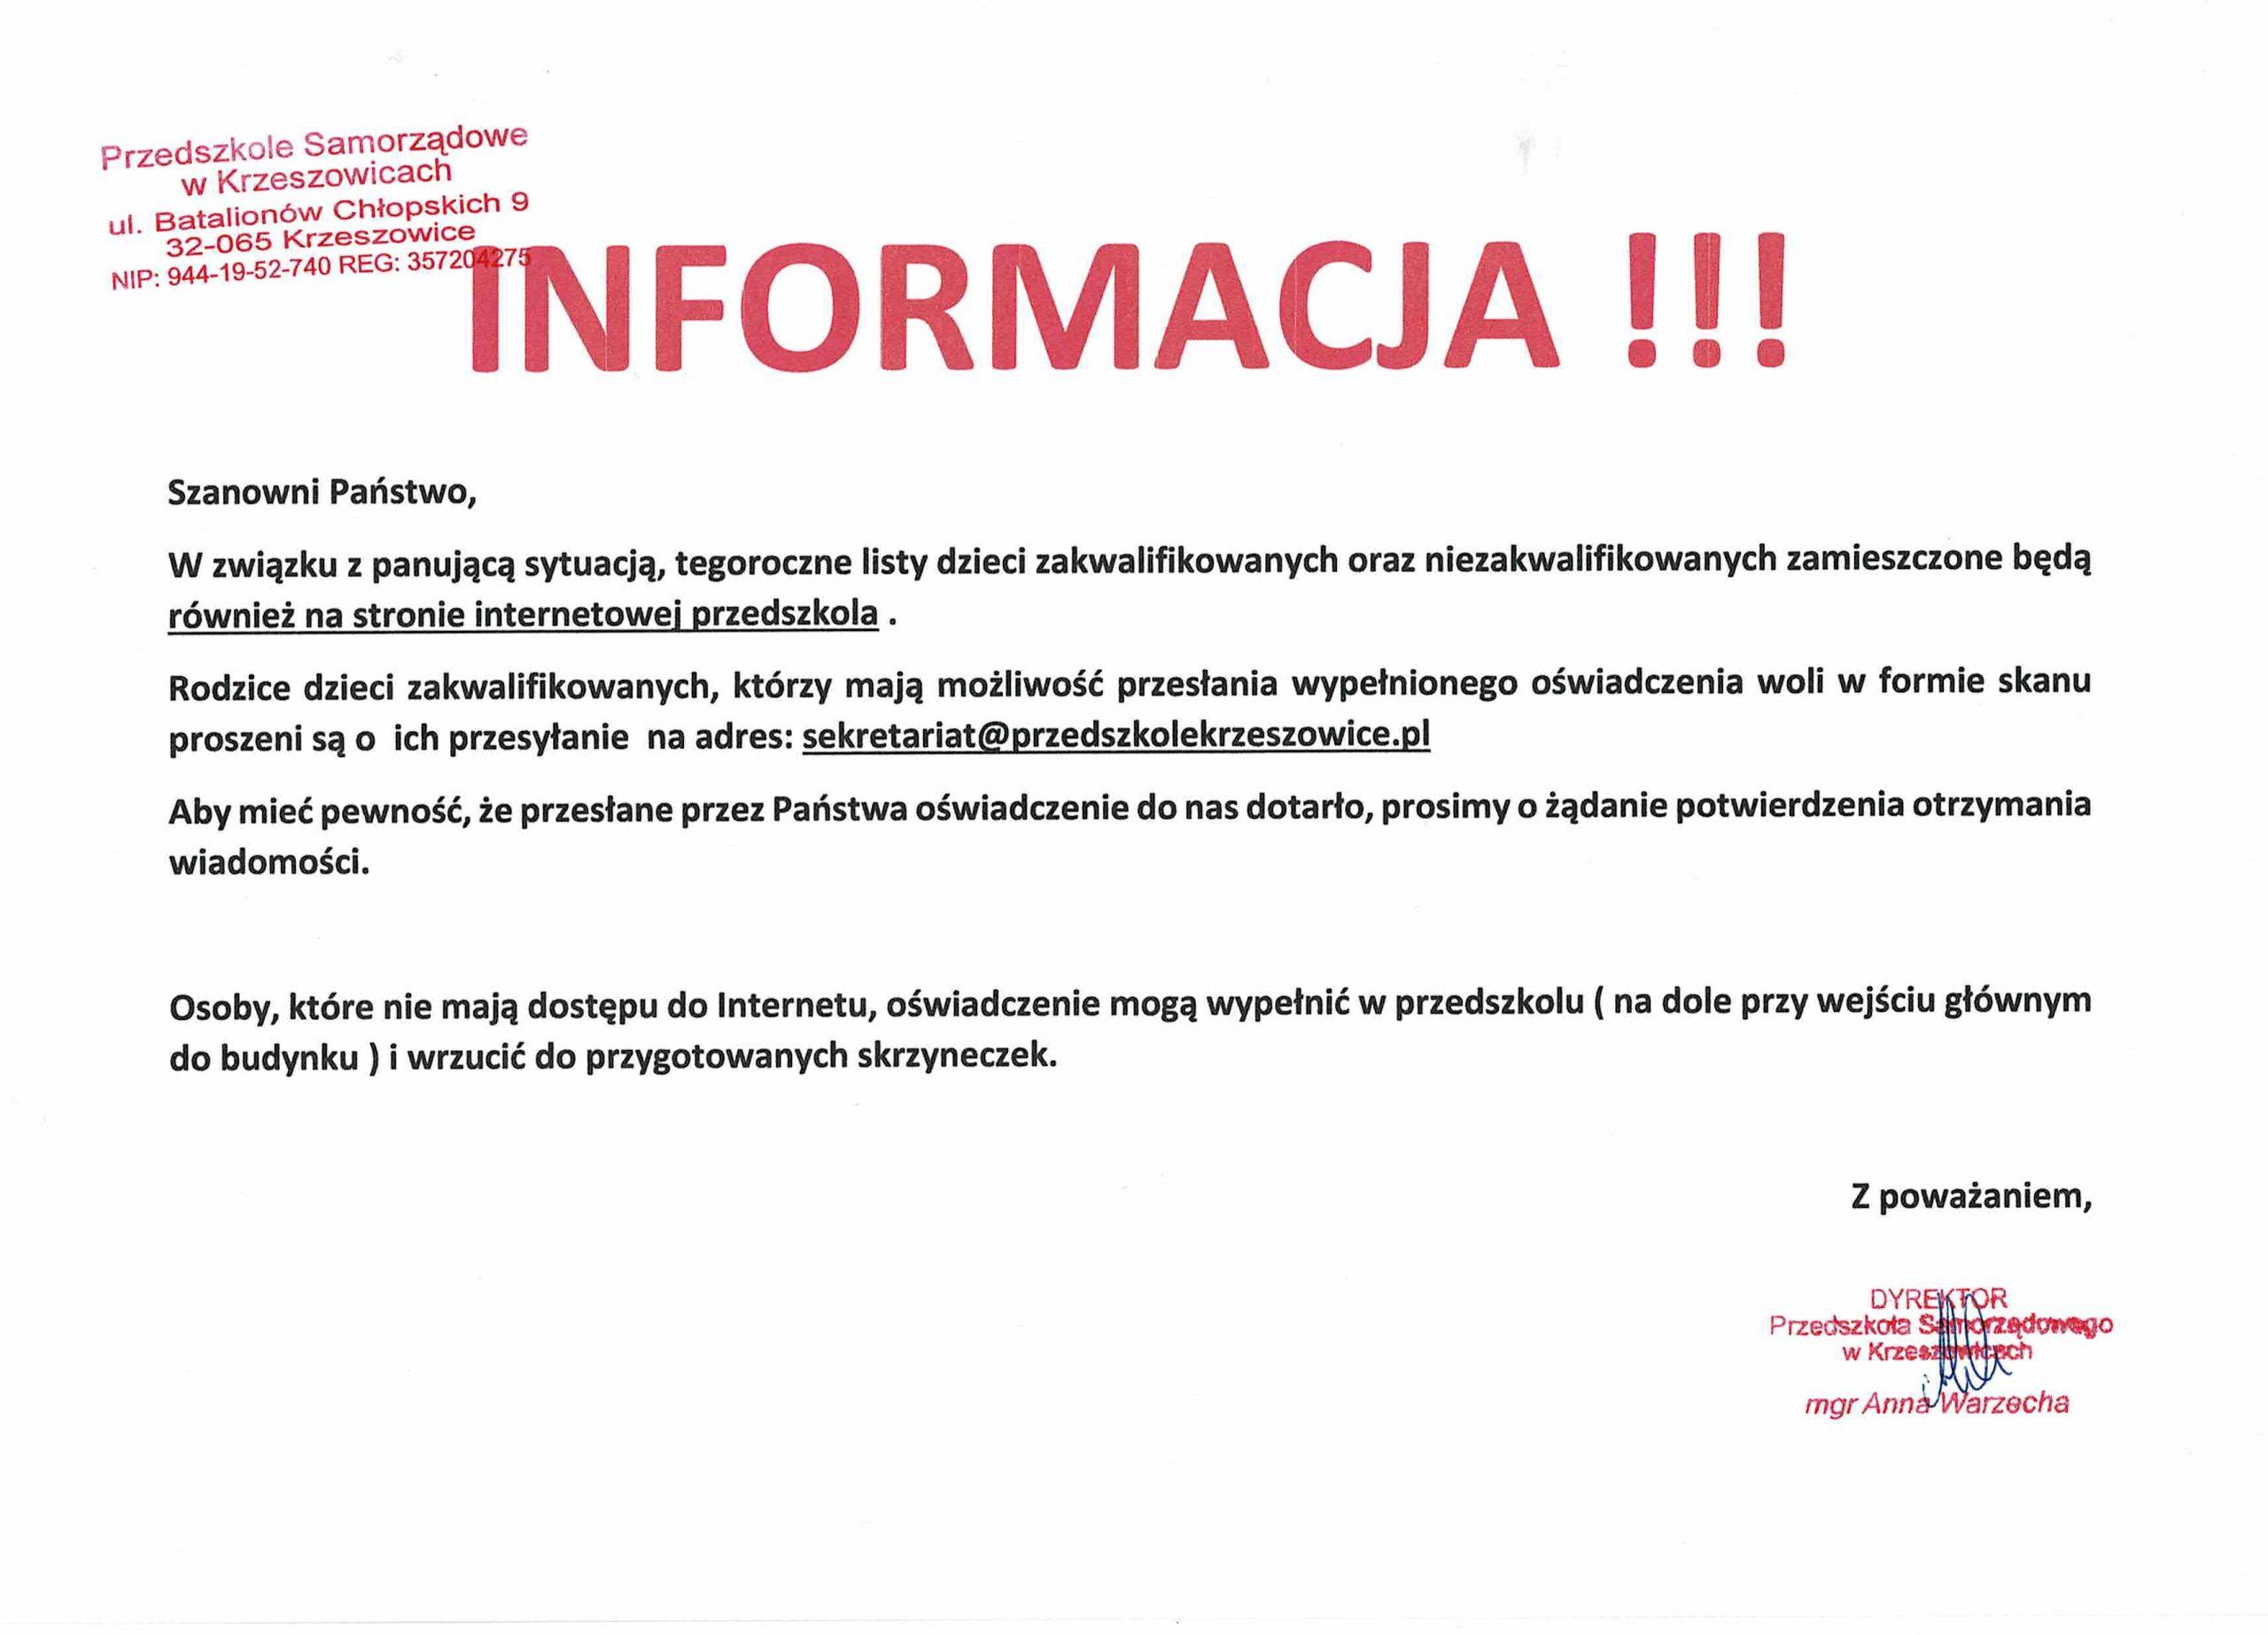 Informacja o zakwalifikowaniu się do Przedszkola